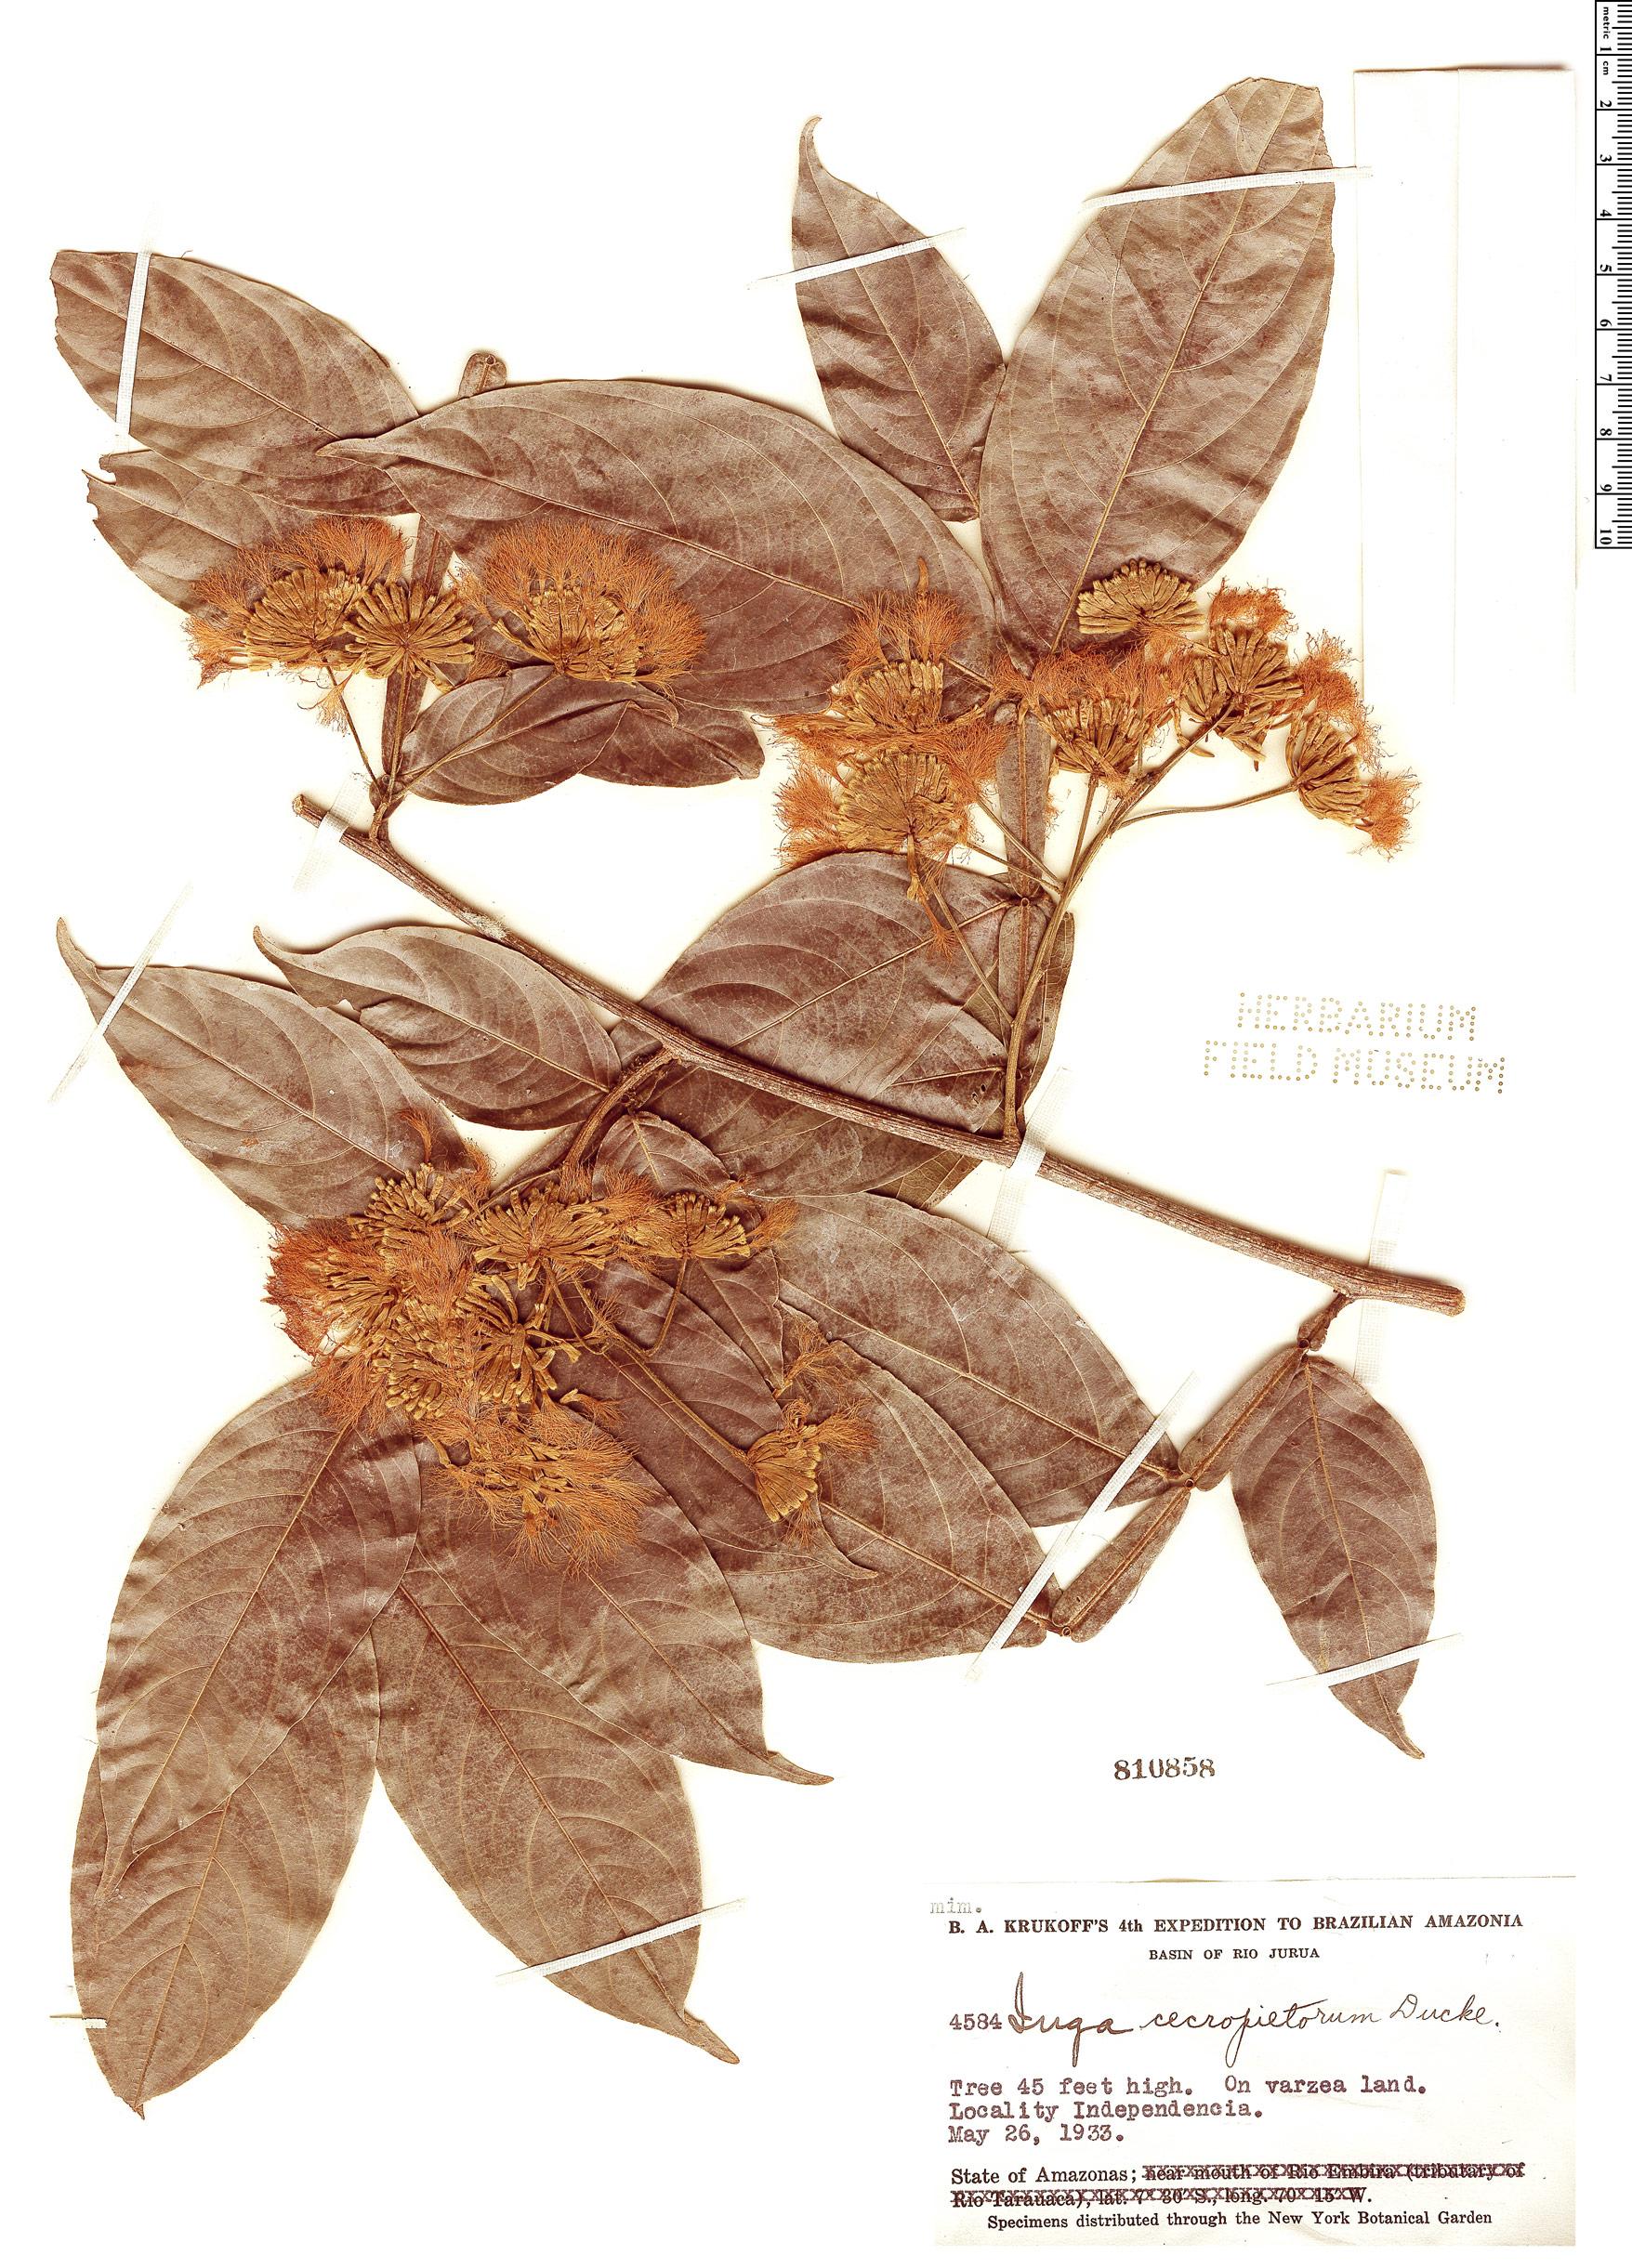 Specimen: Inga cecropietorum